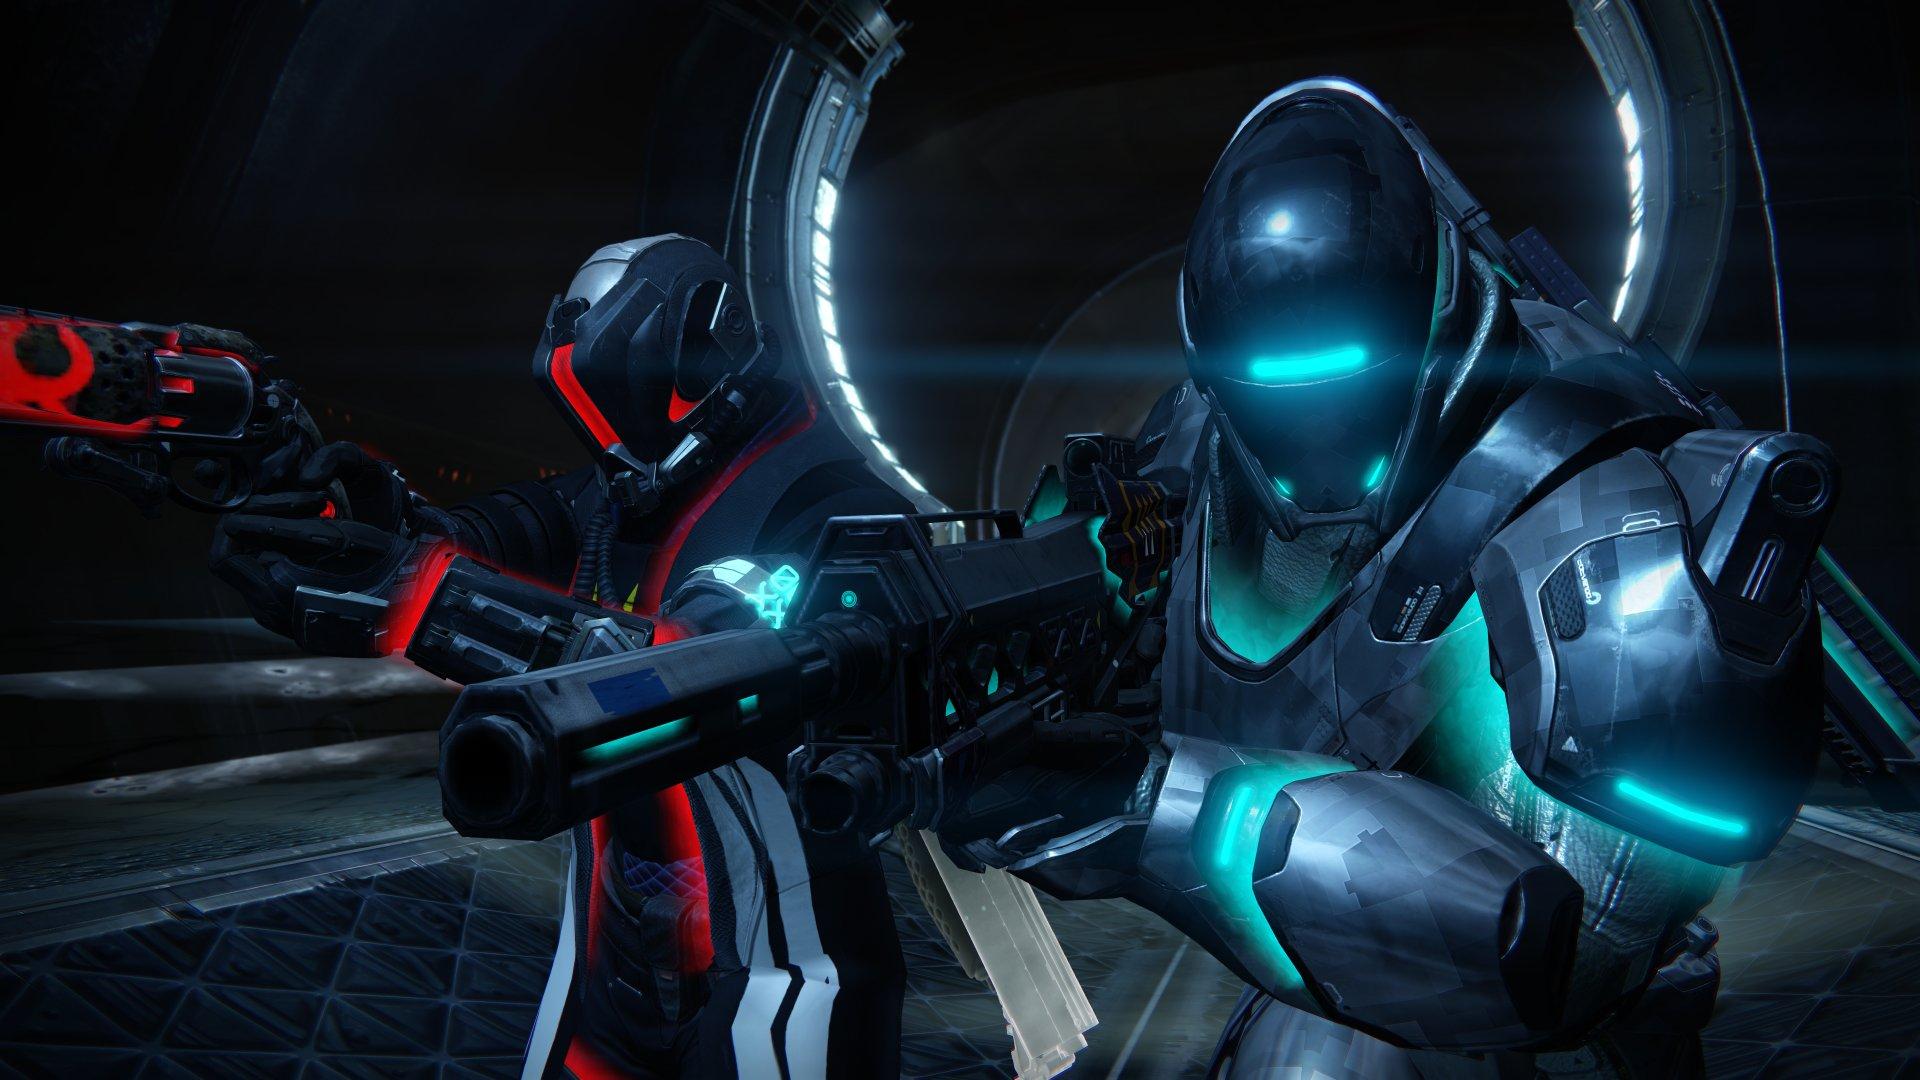 Destiny löst Frust mit neuem Loot-System, aber bleibt das so?